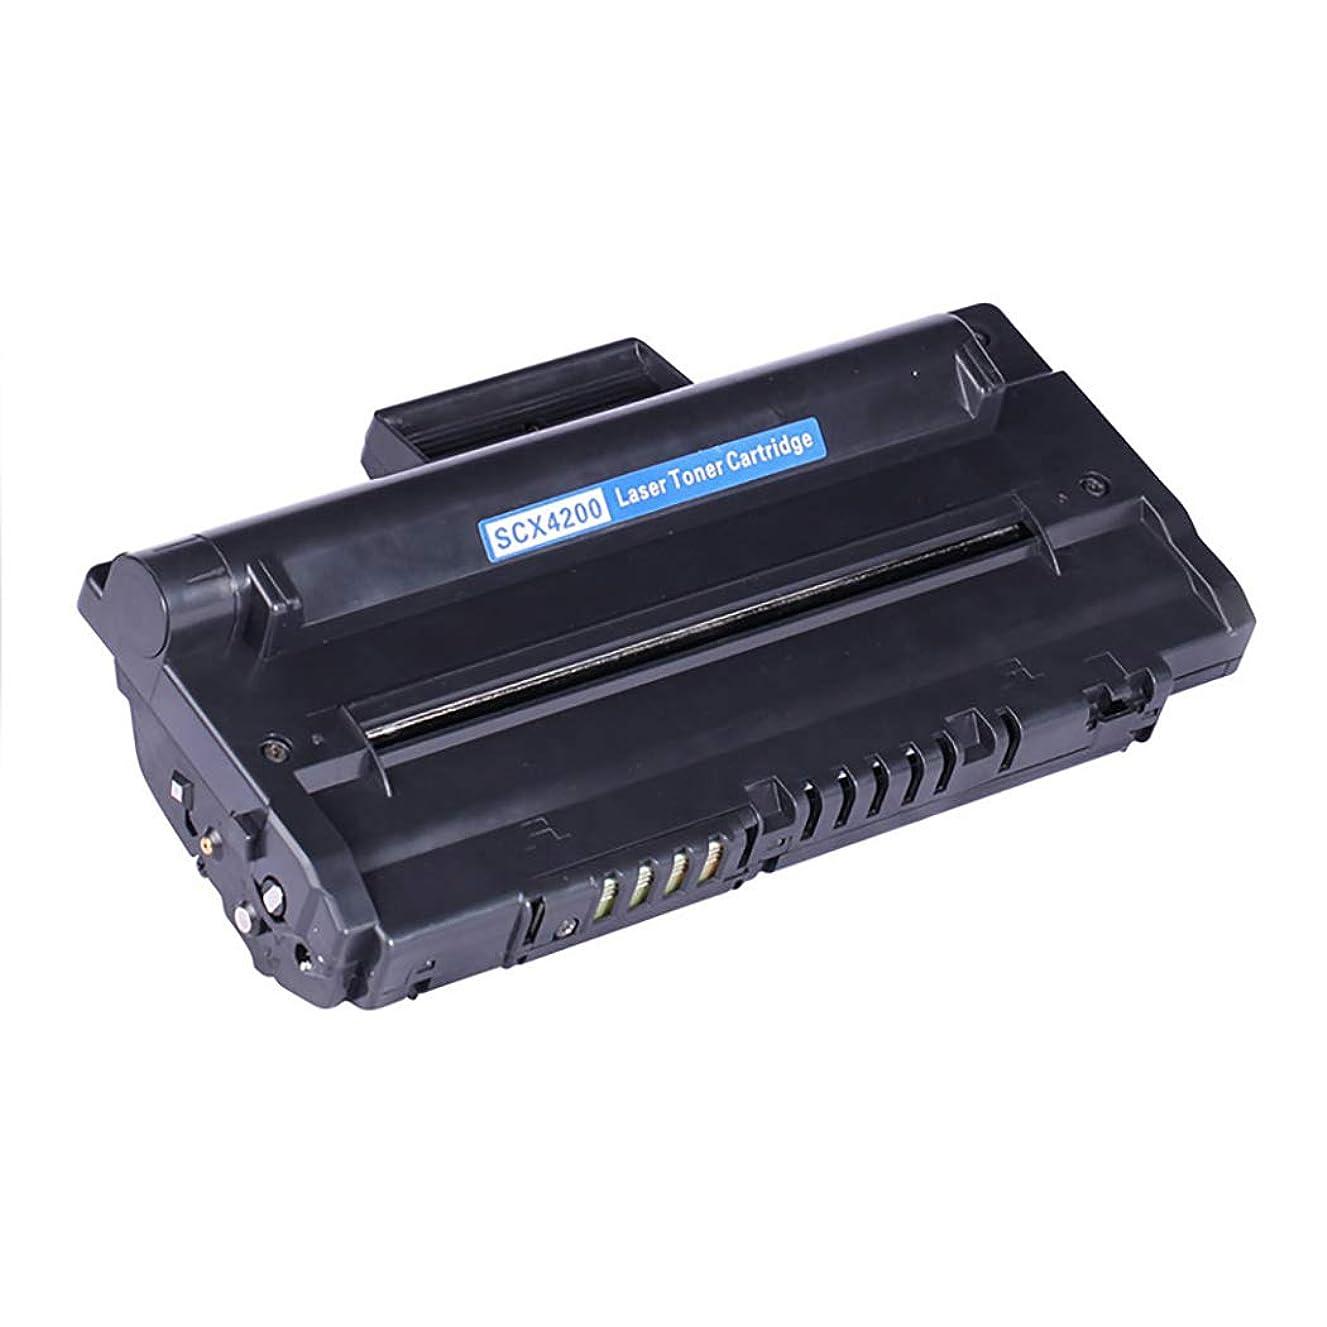 形状版ミュウミュウ互換性ありSAMSUNG SCX 4200 4220プリンター用、SAMSUNG SCX 4200トナーカートリッジとの互換性,Black